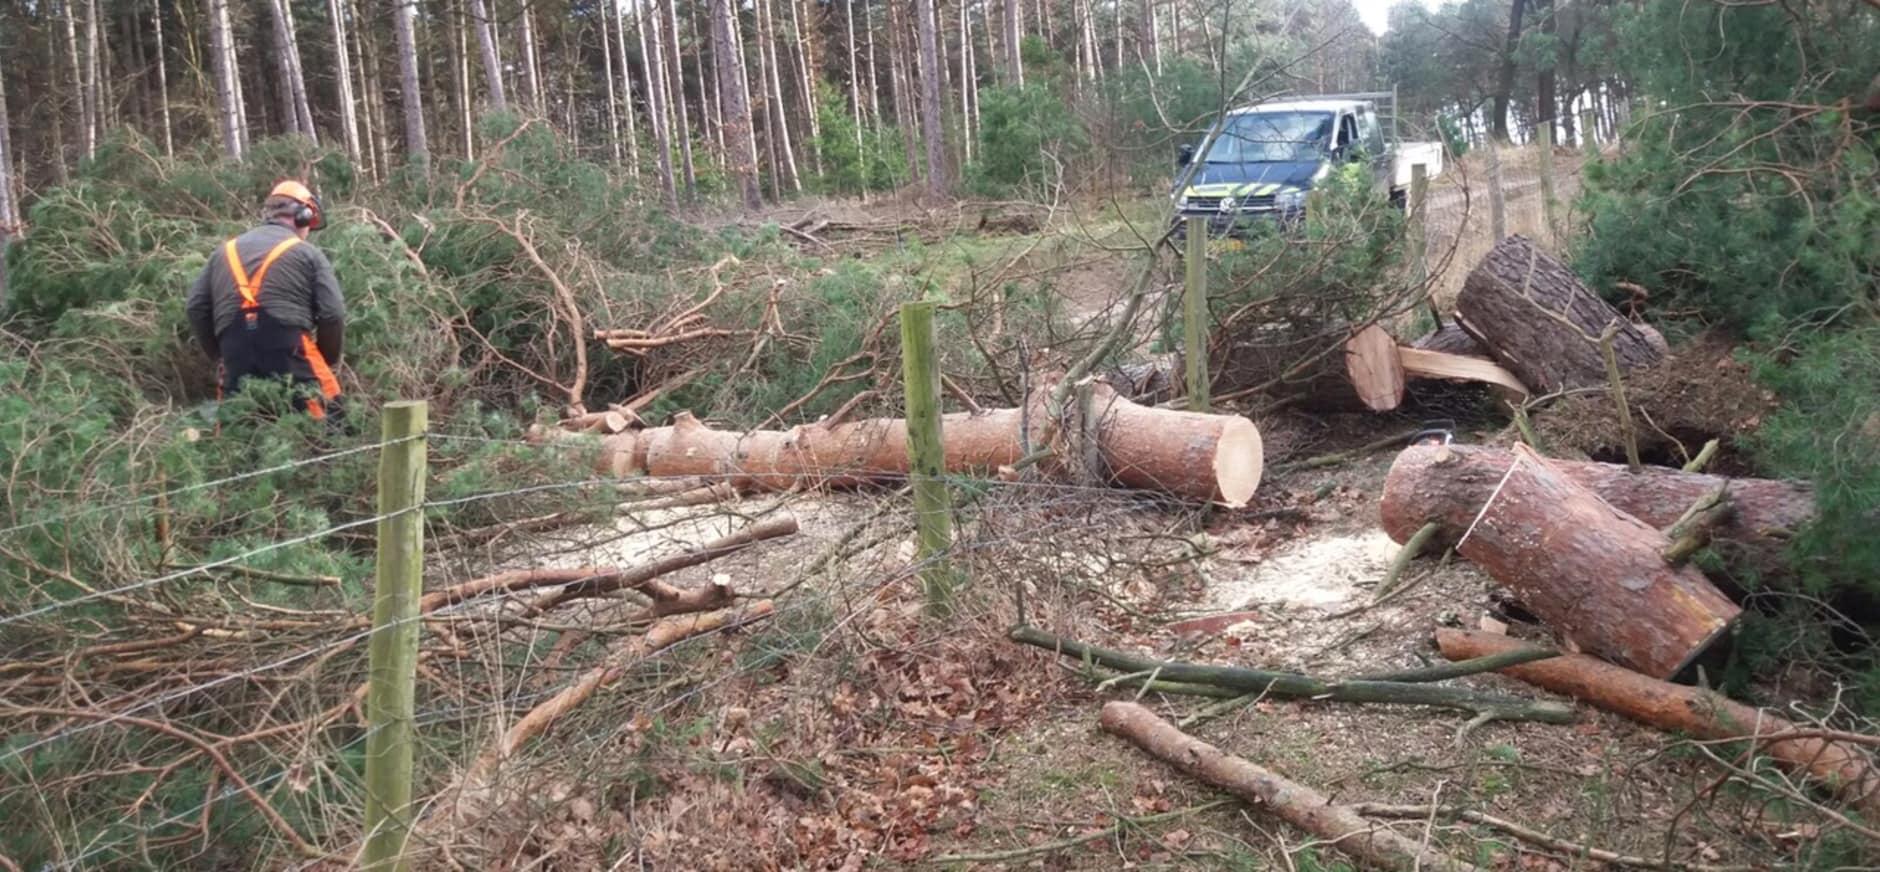 Kansen voor natuur door storm